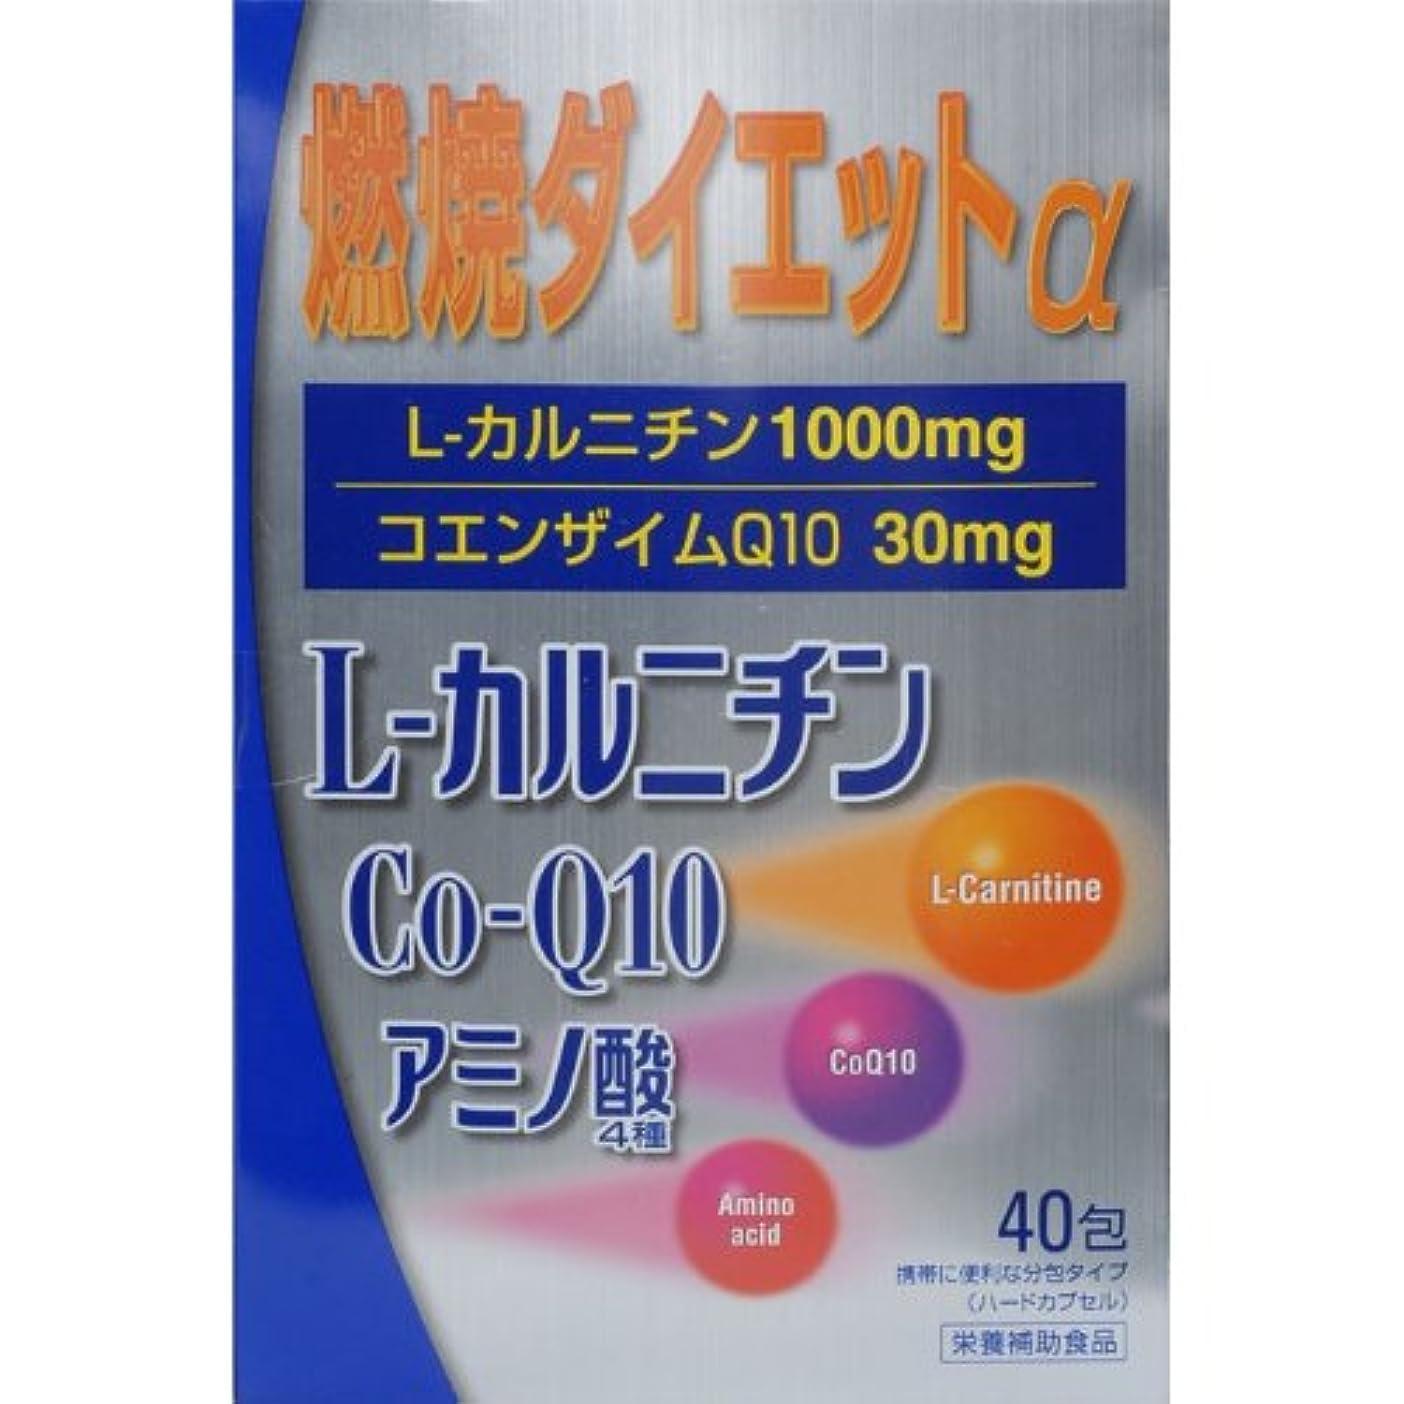 できる繰り返す樹皮燃焼ダイエットL‐カルニチンα 40包